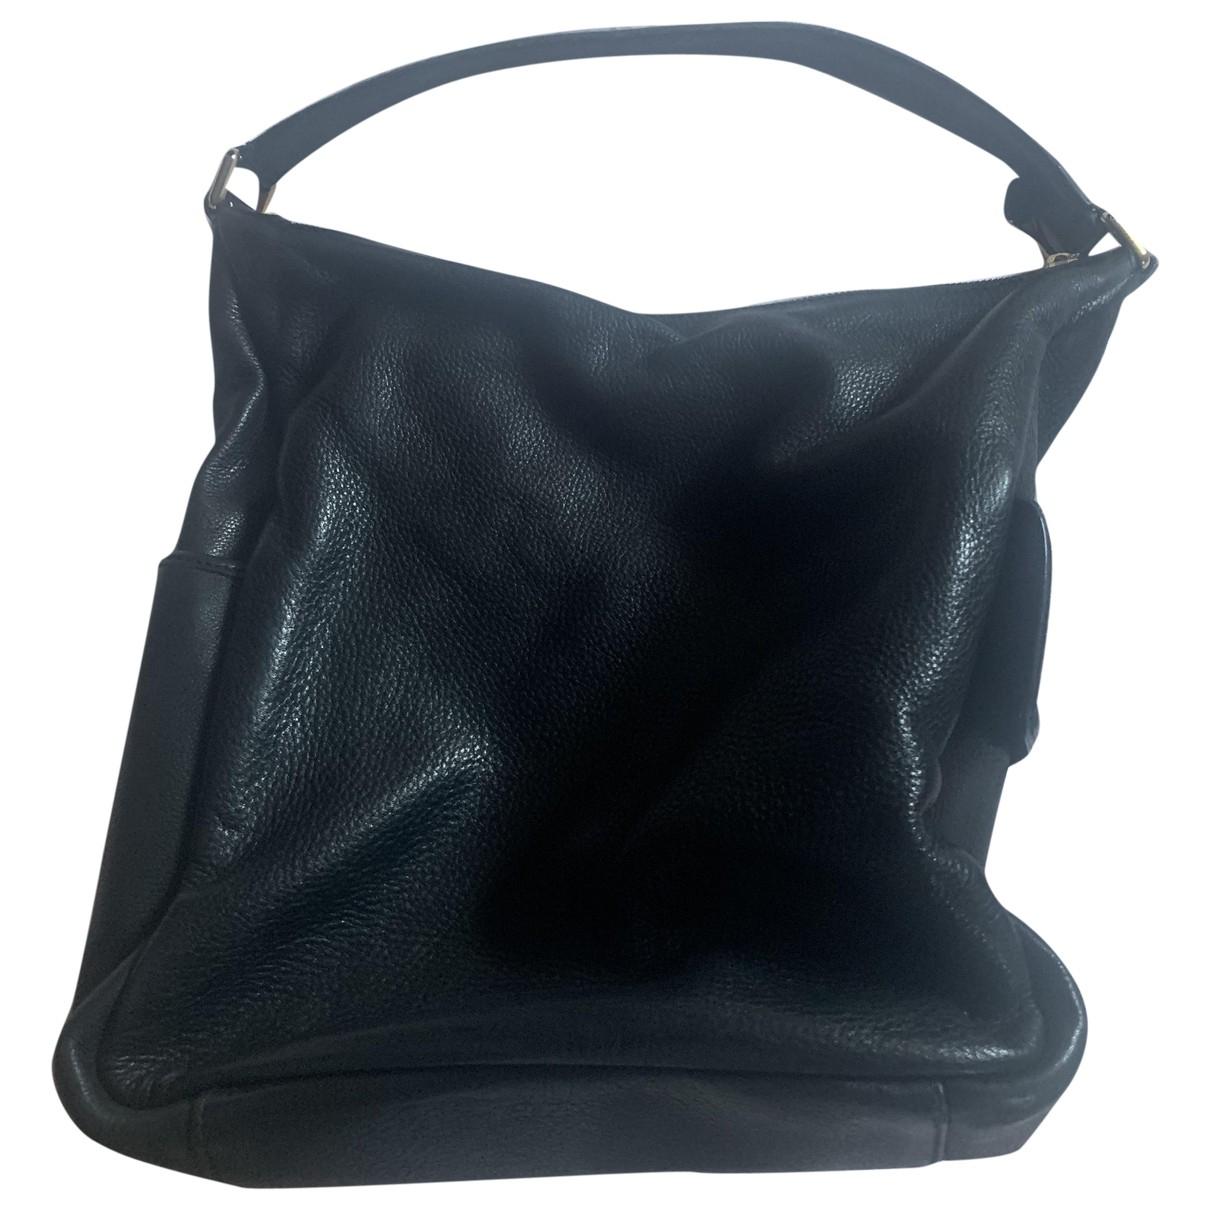 Yves Saint Laurent - Sac a main   pour femme en cuir - noir